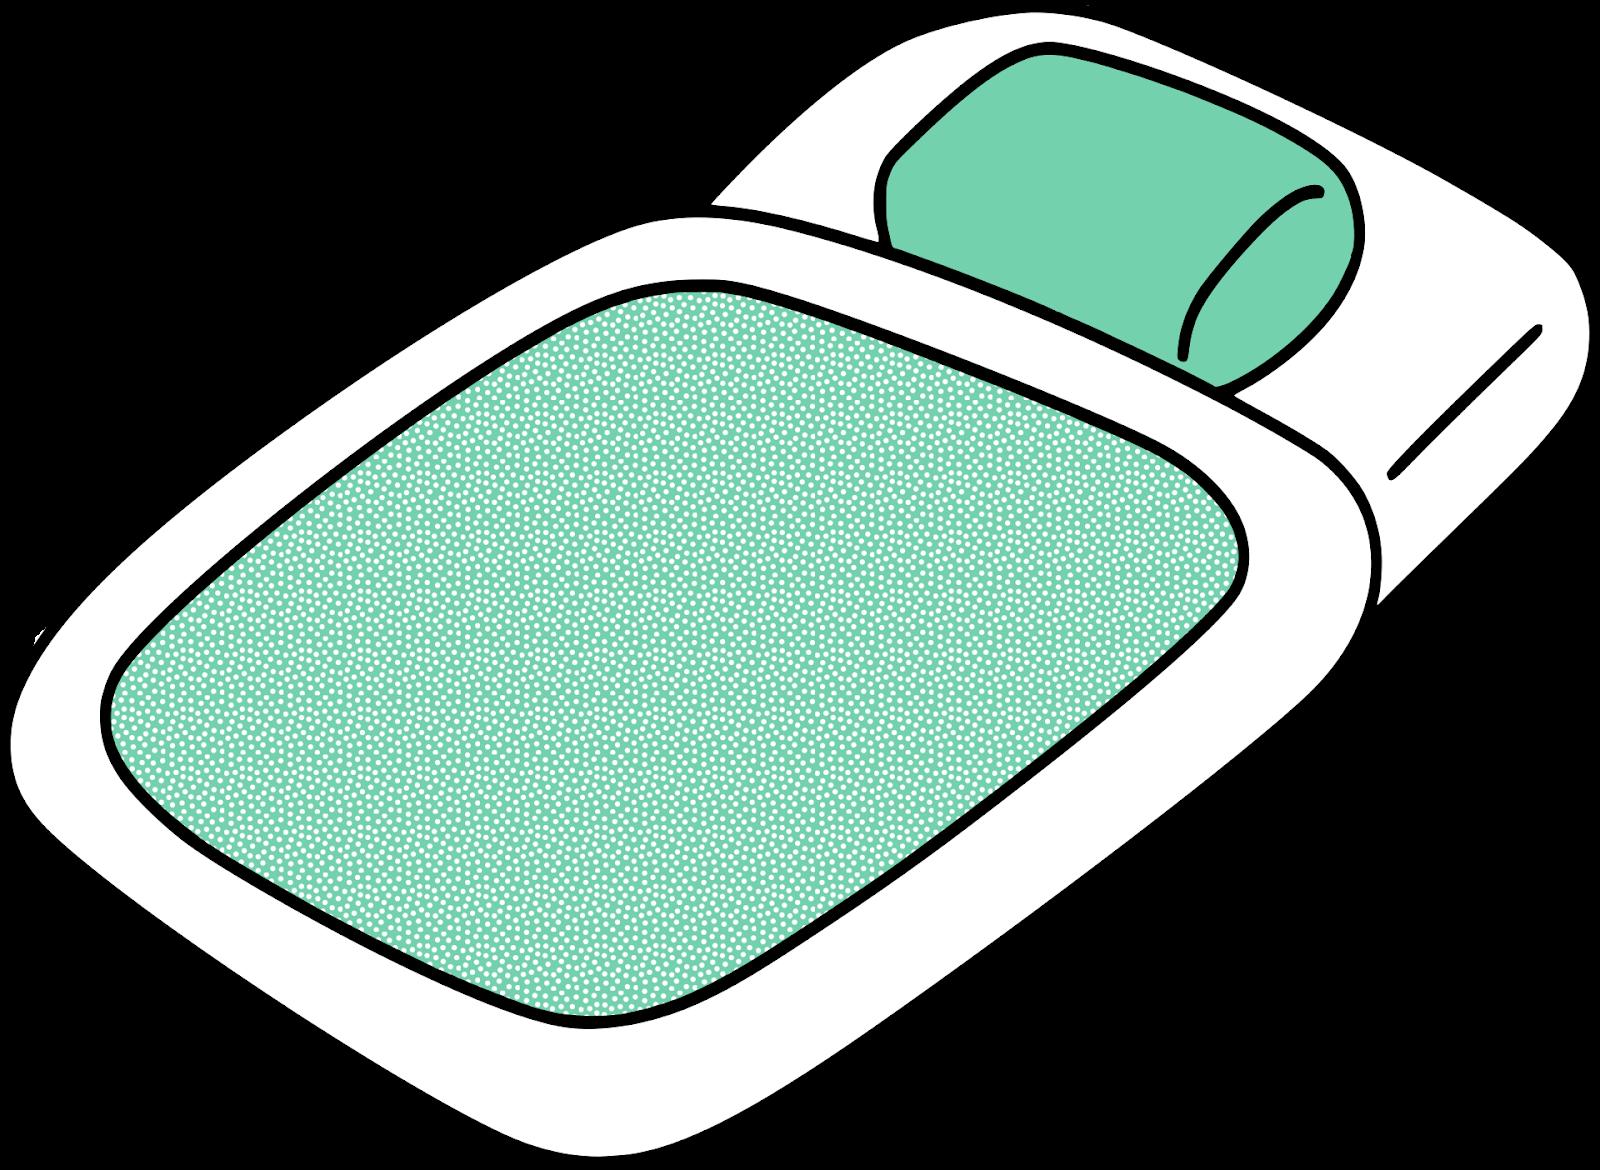 白地に薄緑色の一組の布団